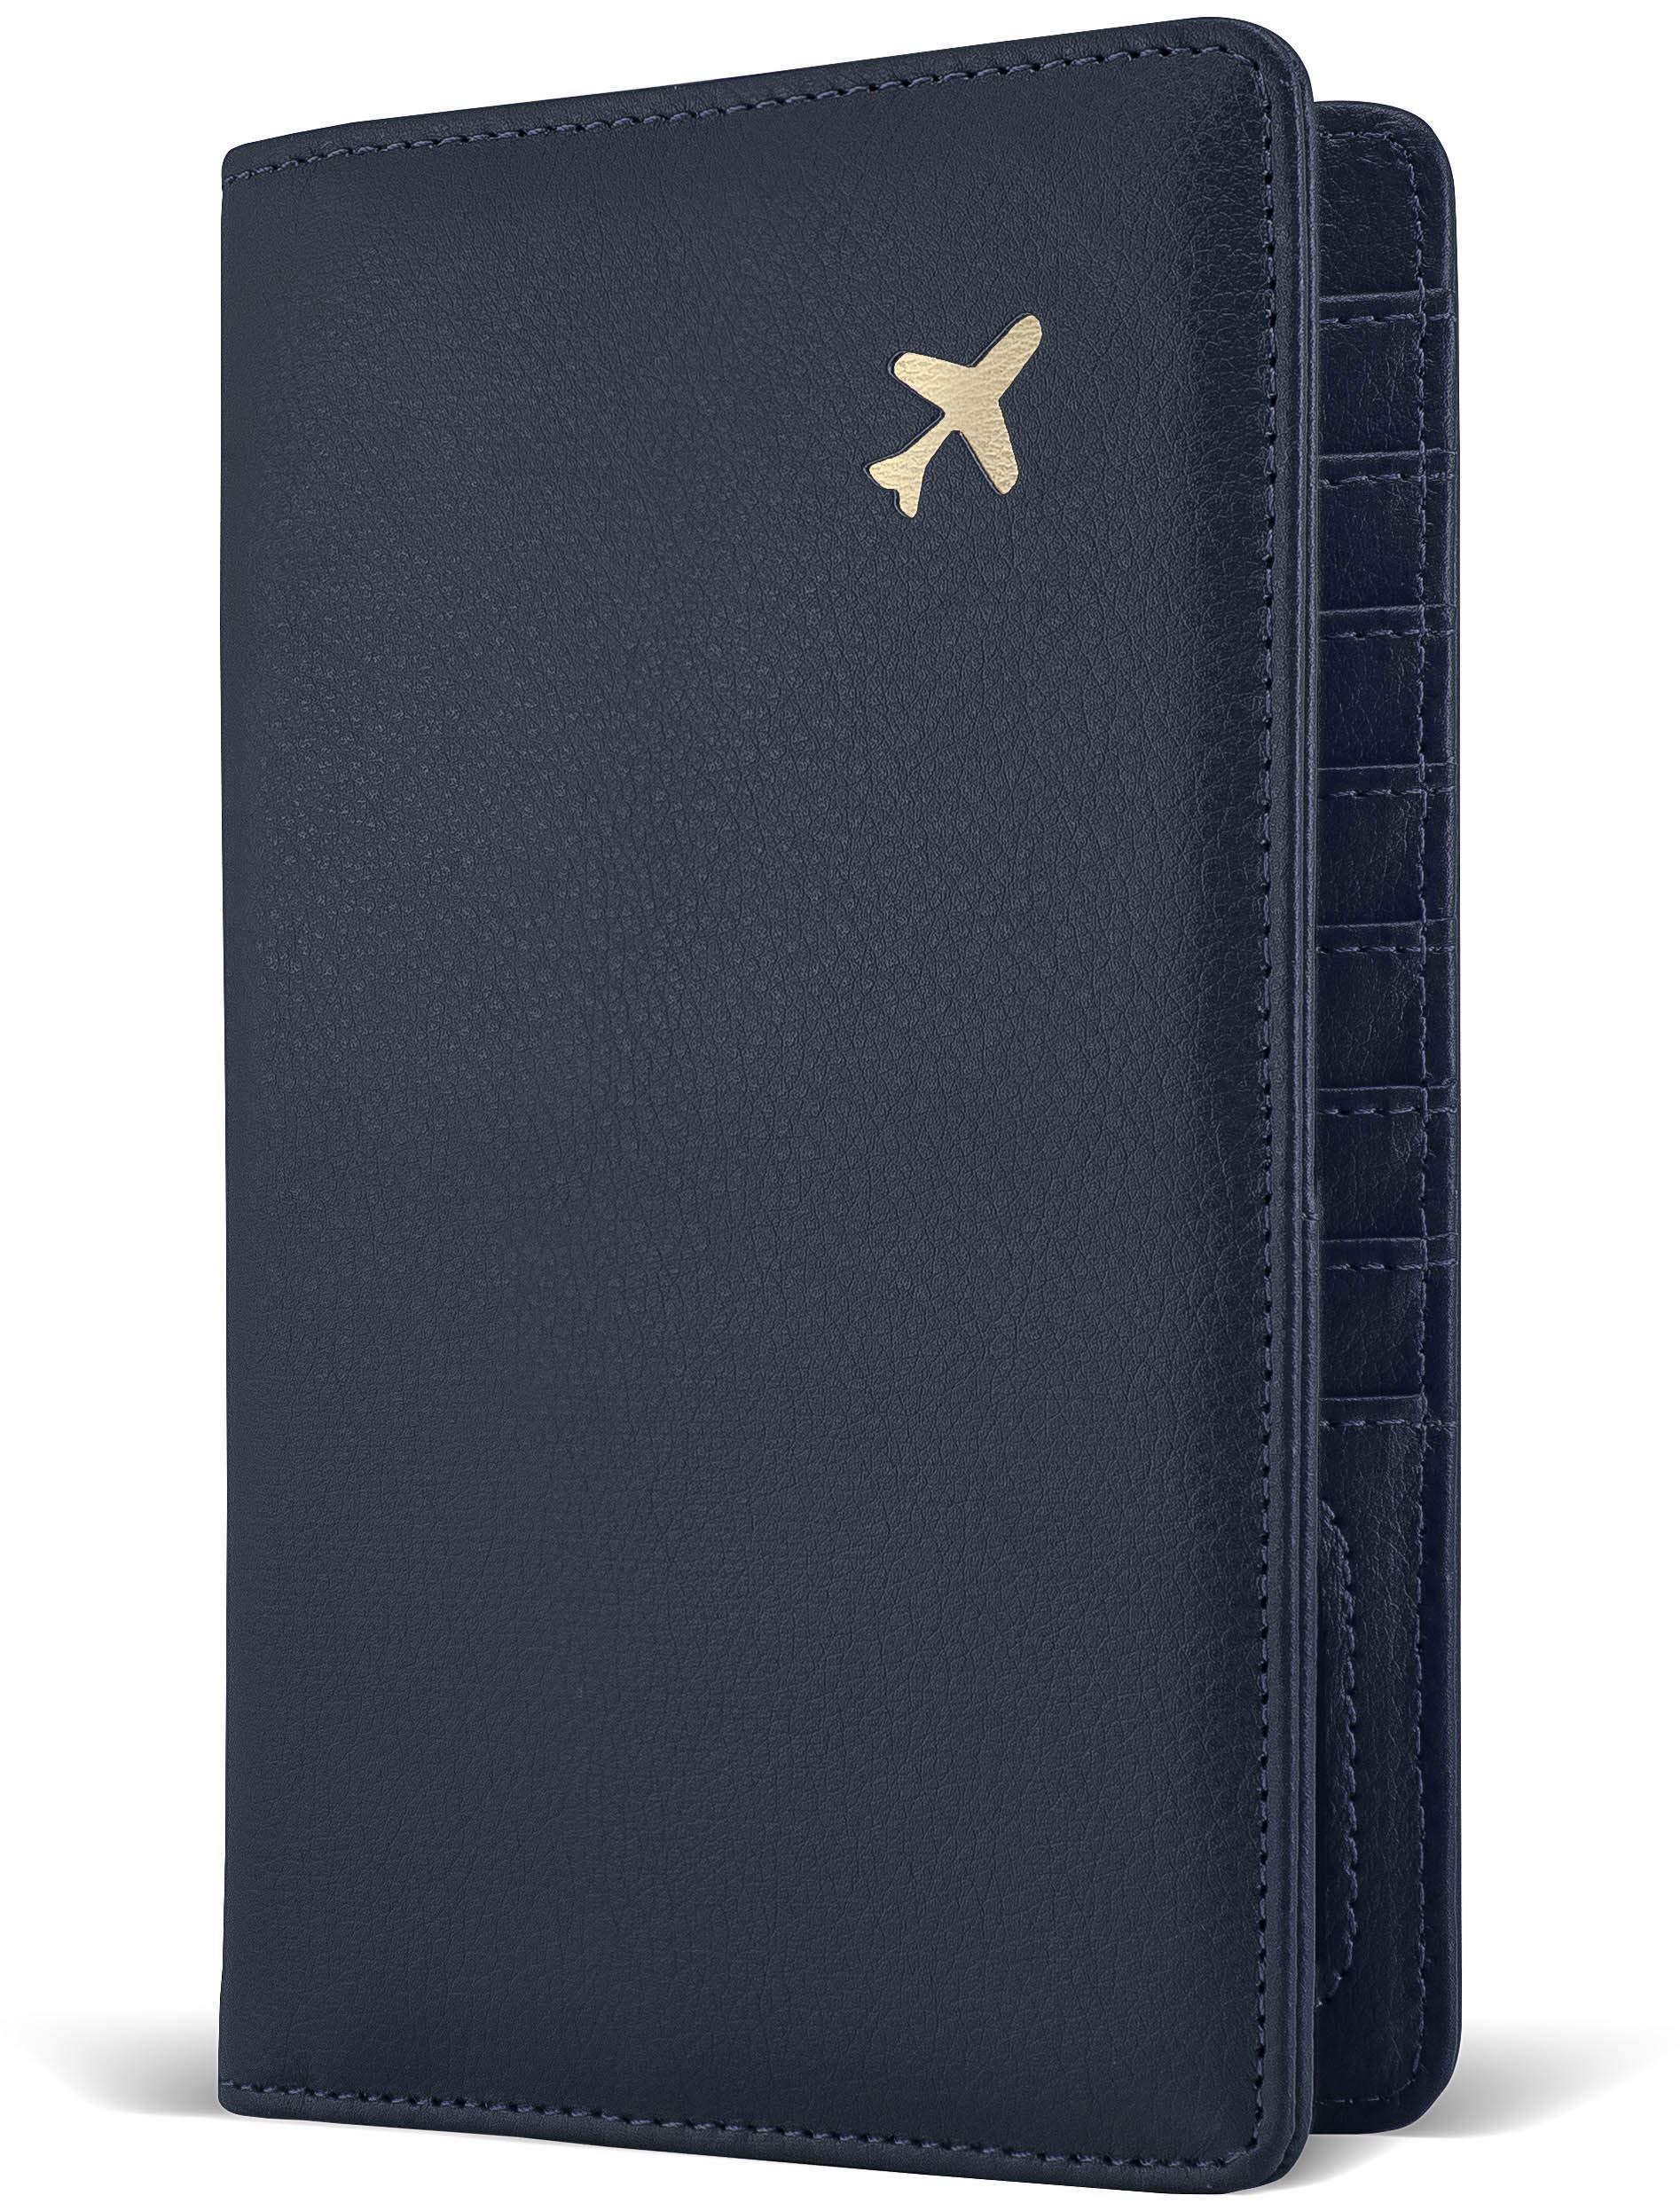 Passport Holder by POCKT - RFID Blocking Travel Wallet for Safe Trip, Document Organizer + Gift Box | Midnight Navy by POCKT